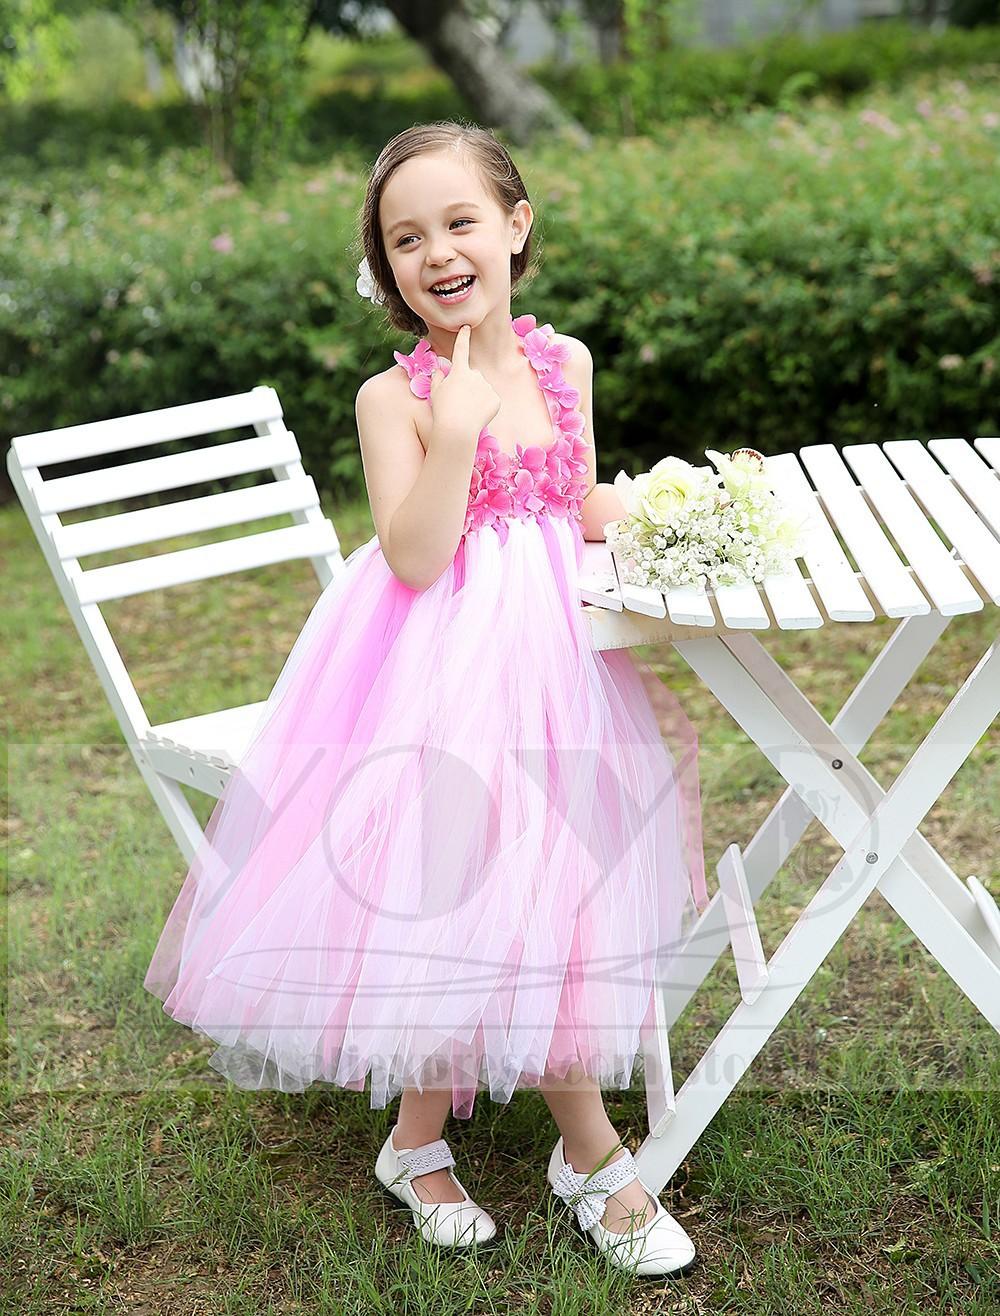 Скидки на Элегантный бальное платье тюль розовый детей платья с цветочными аппликациями маленькие девочки свадебные ну вечеринку платья формальные торжества платья